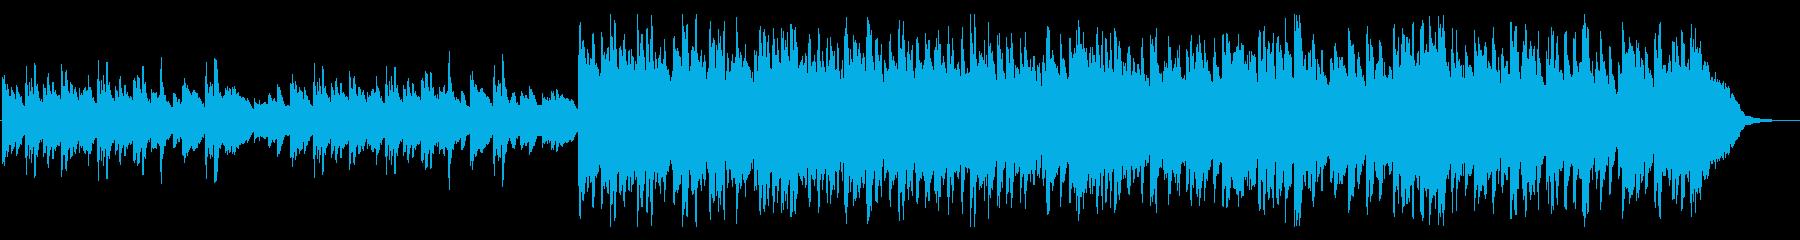 ハープの音色が美しい幻想的なBGMの再生済みの波形